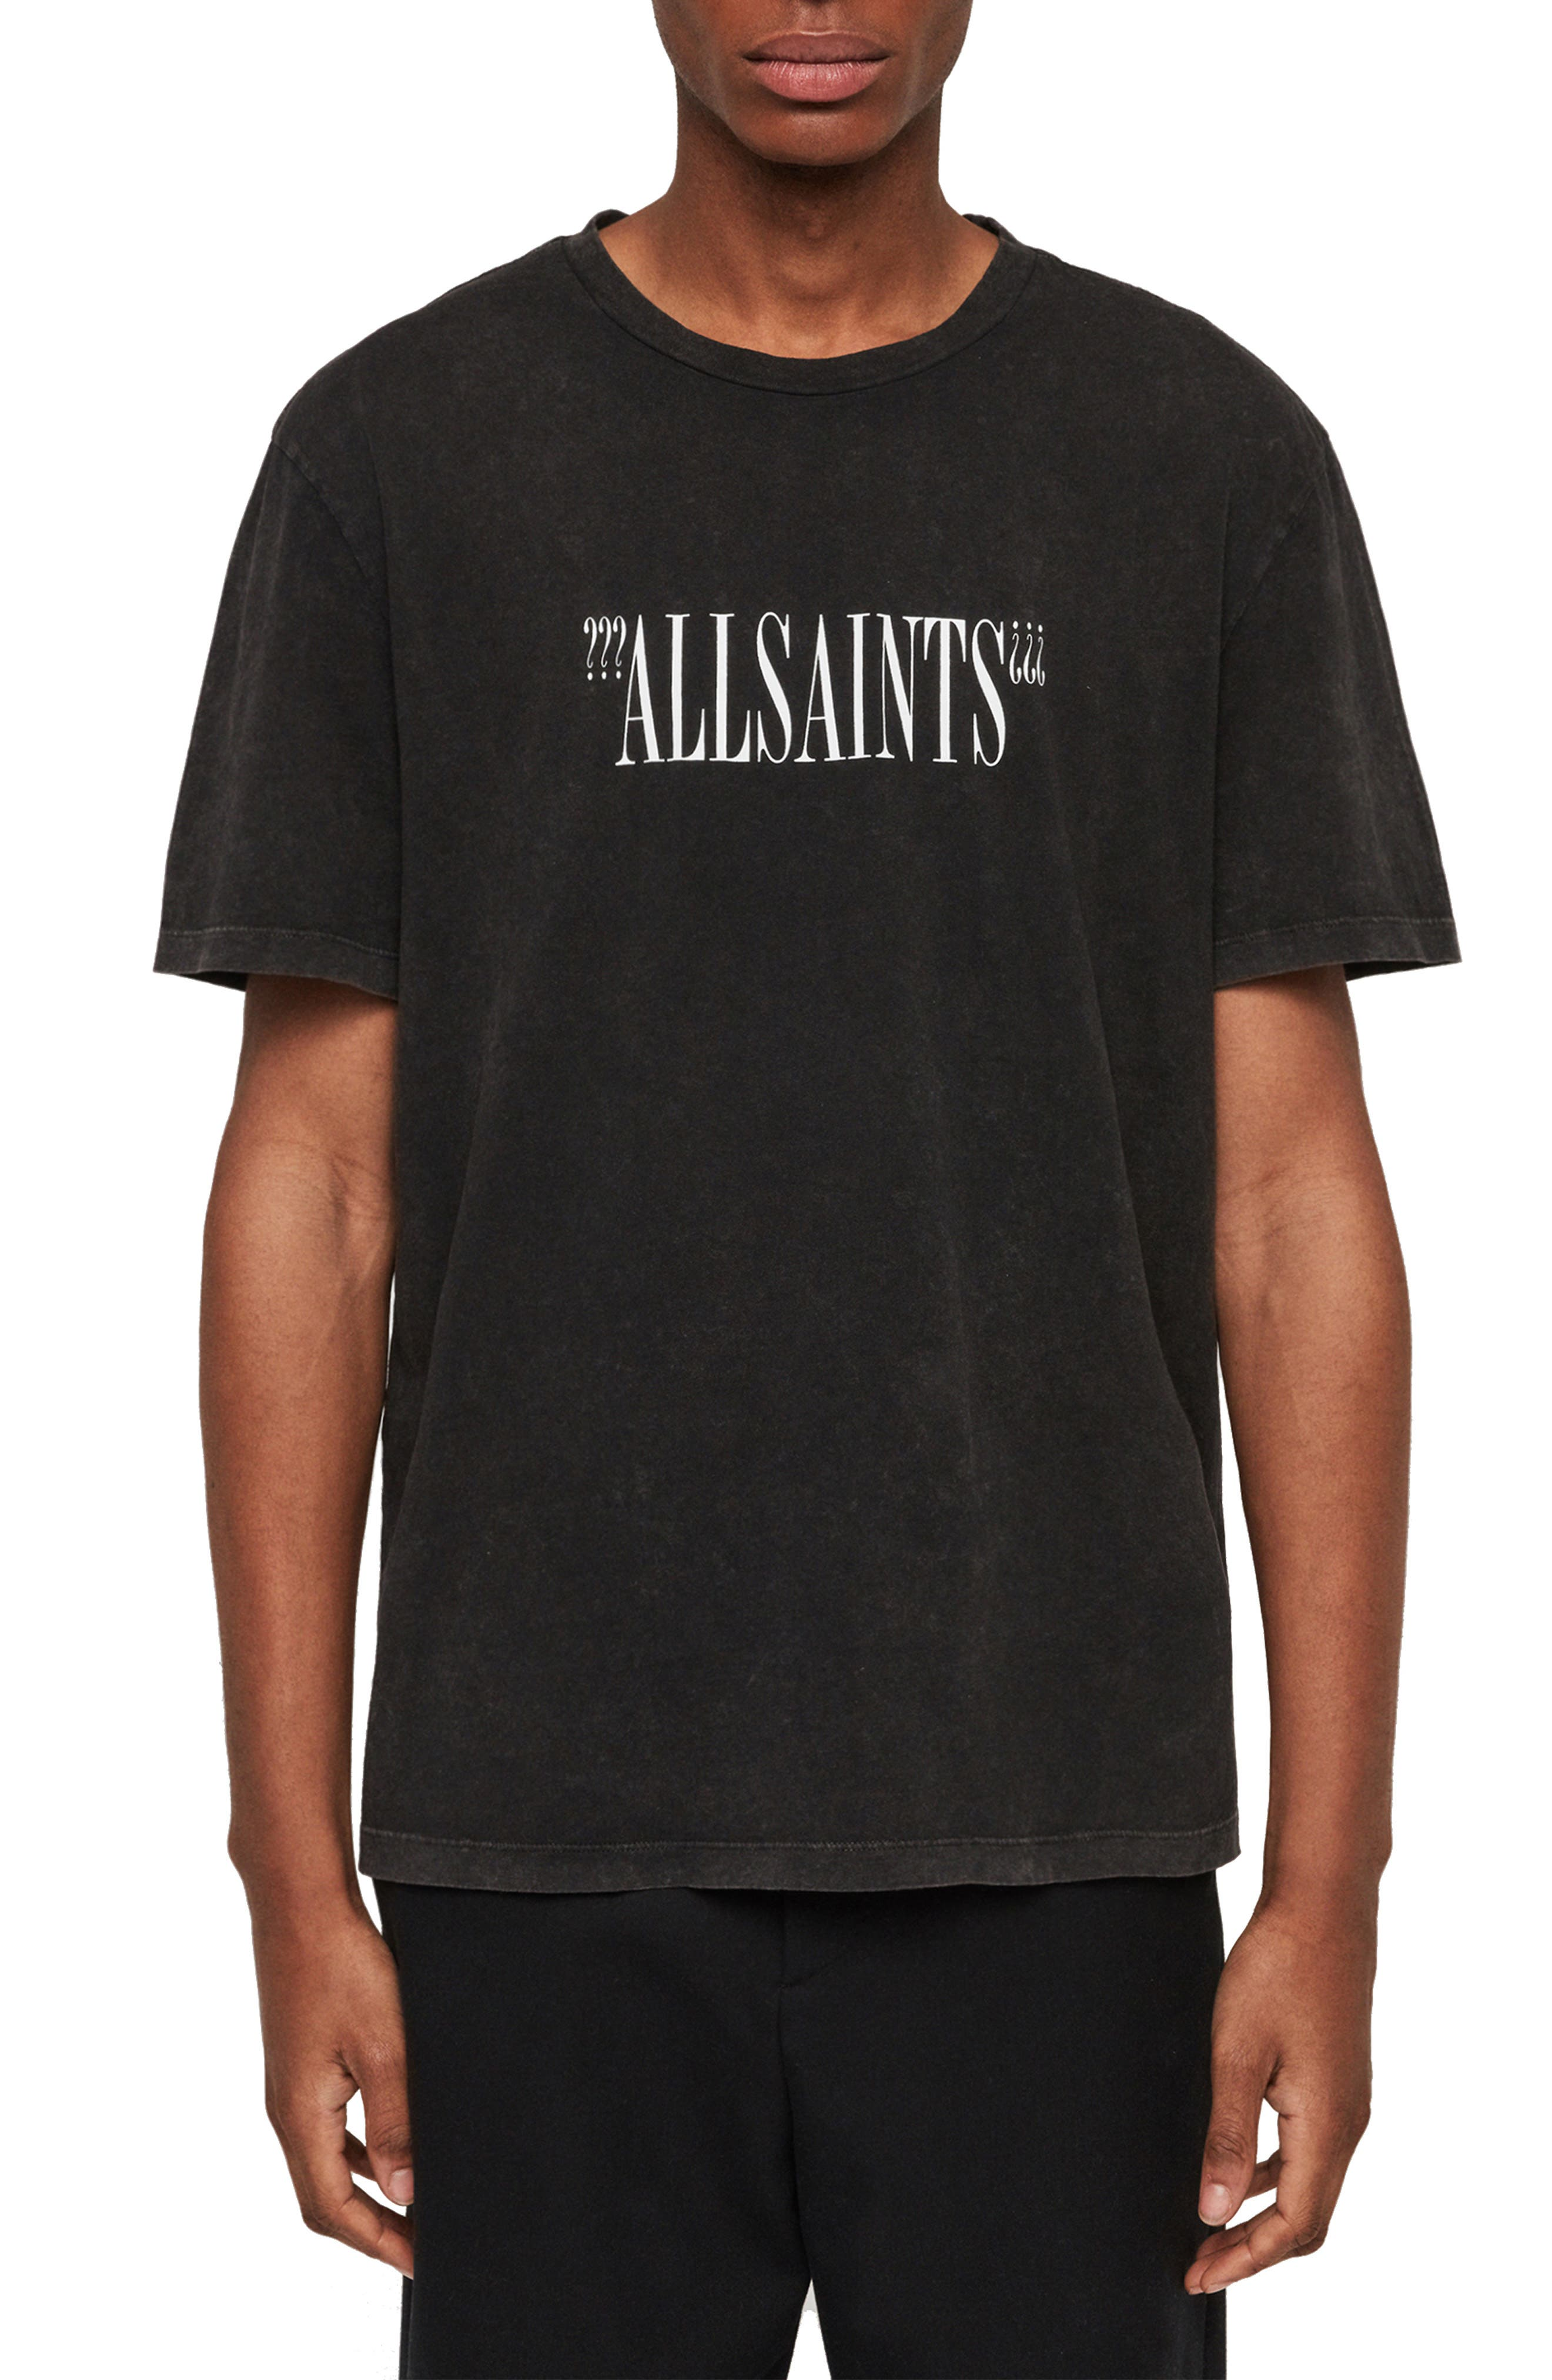 ALLSAINTS Brackets Classic Fit Crewneck T-Shirt, Main, color, ACID WASHED BLACK